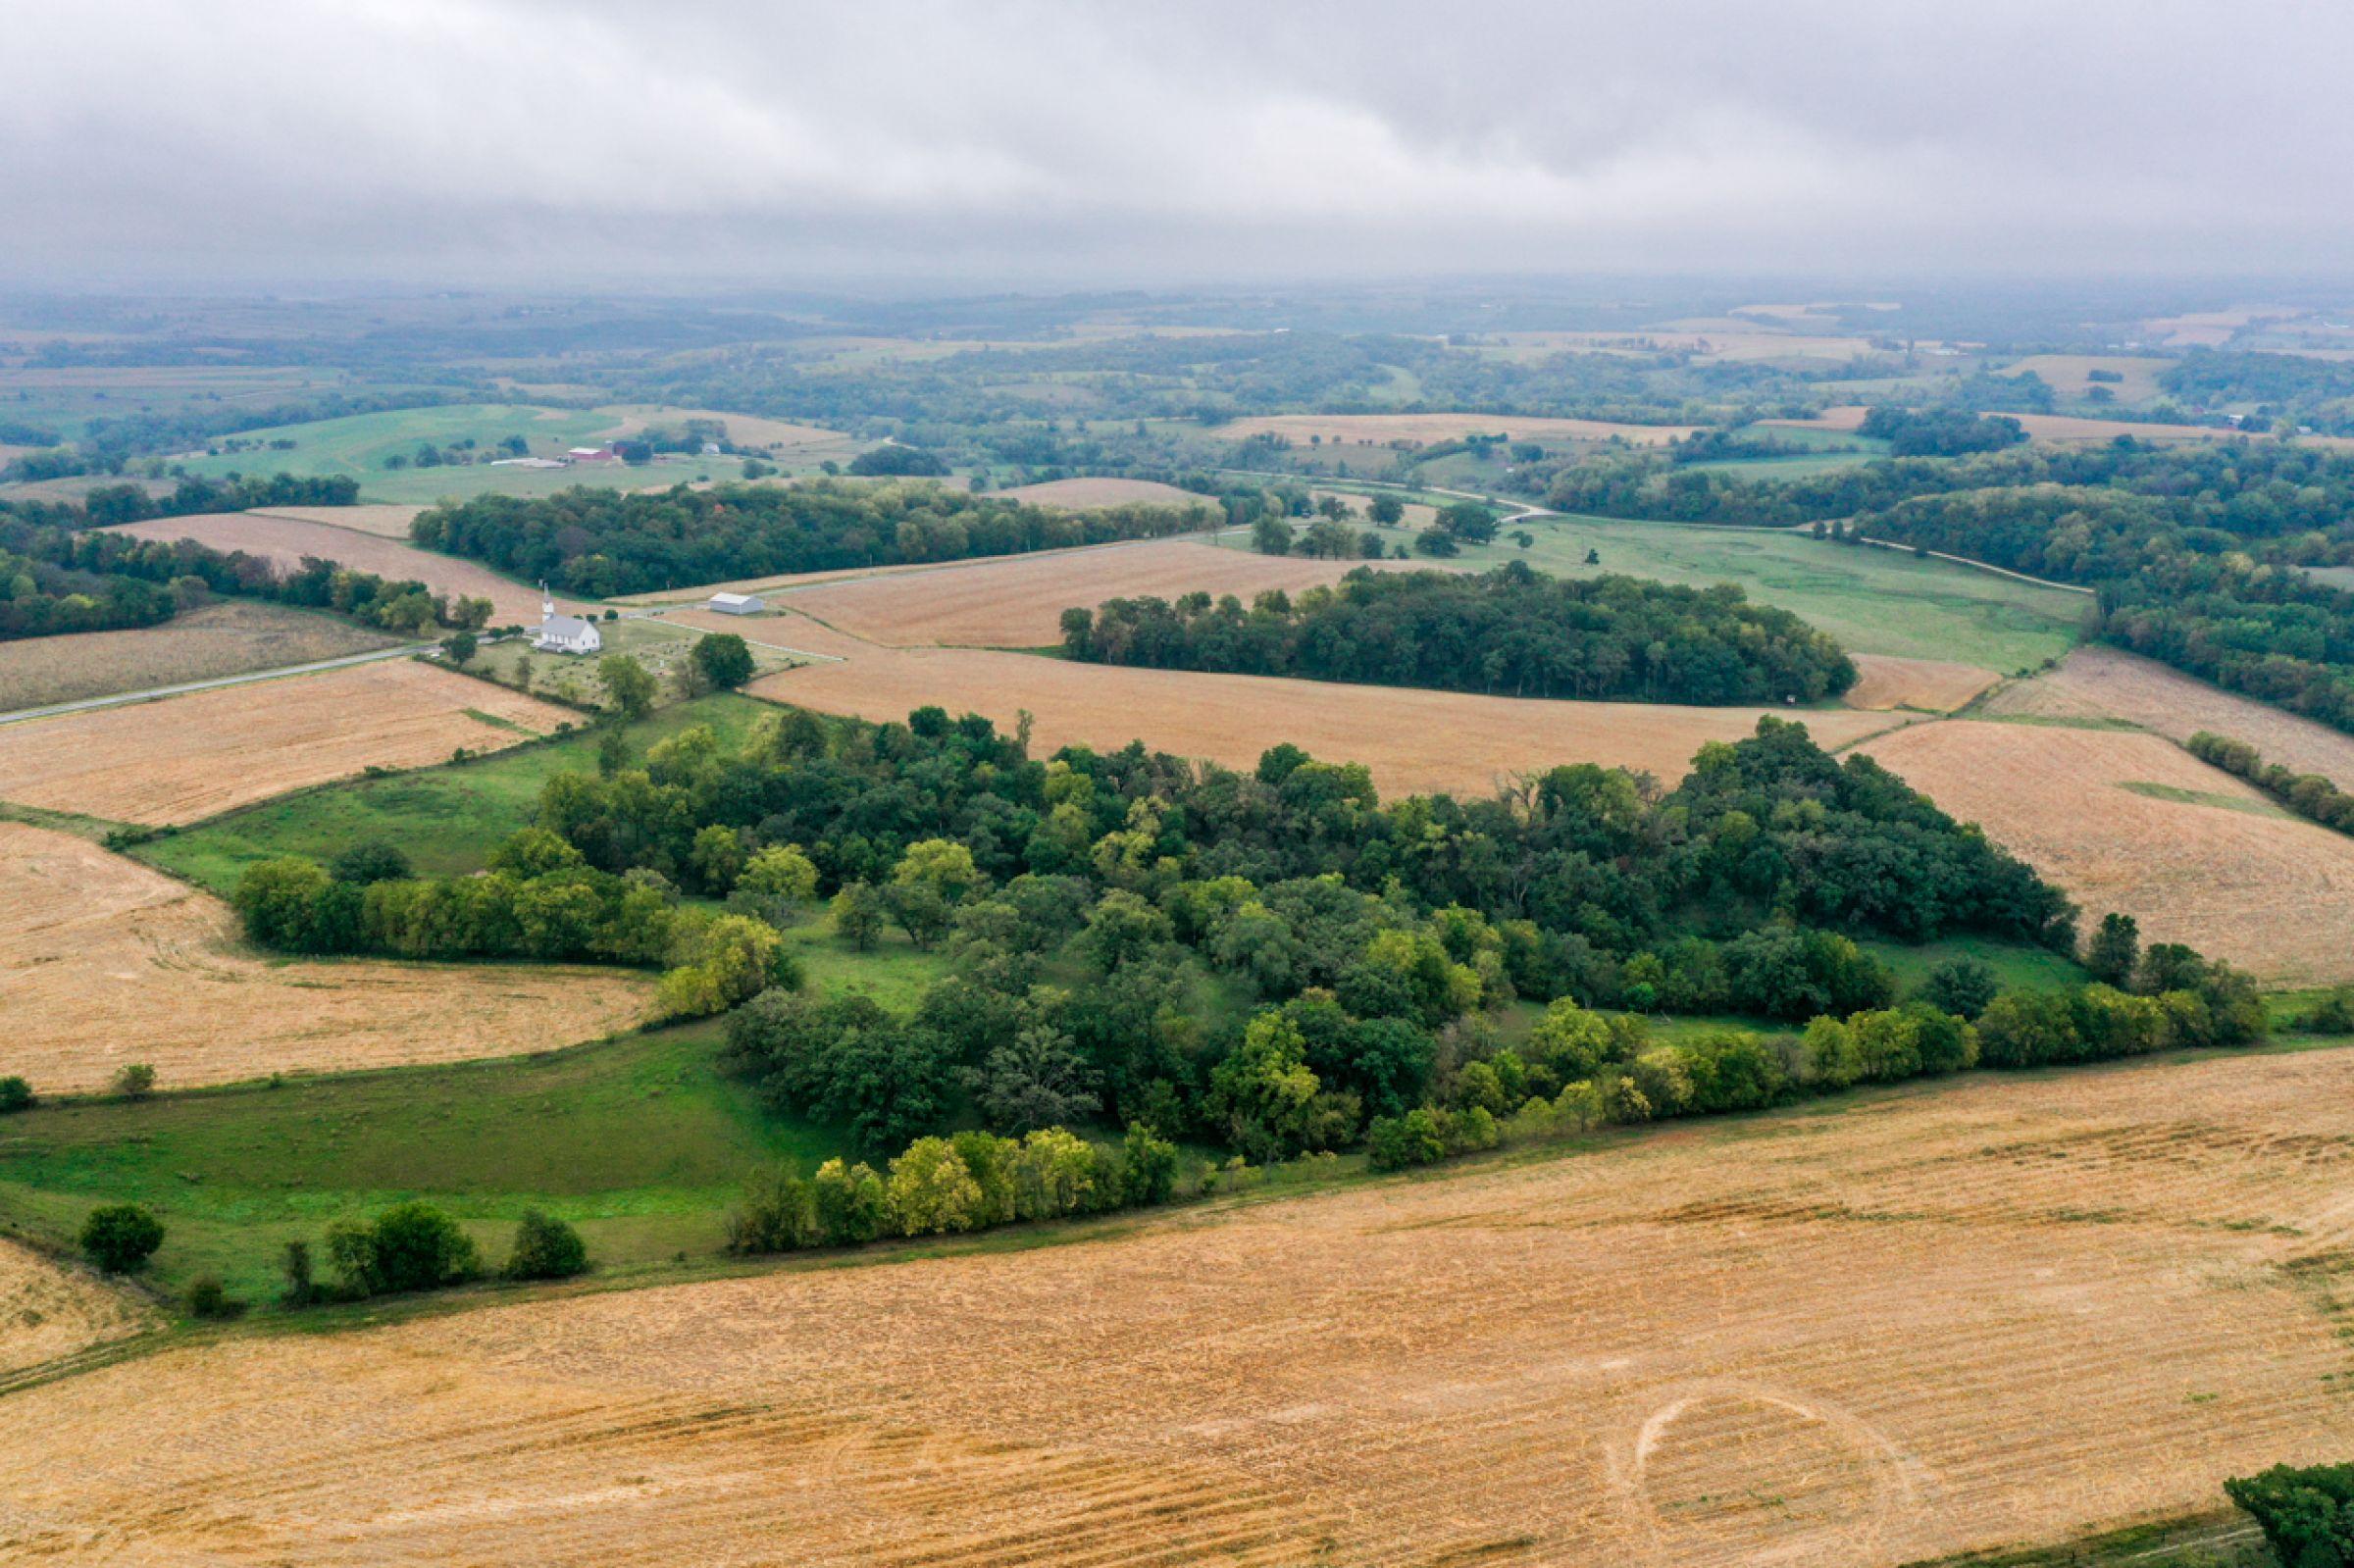 2-apple-grove-church-road-argyle-53504-5-2021-09-21-153558.jpg